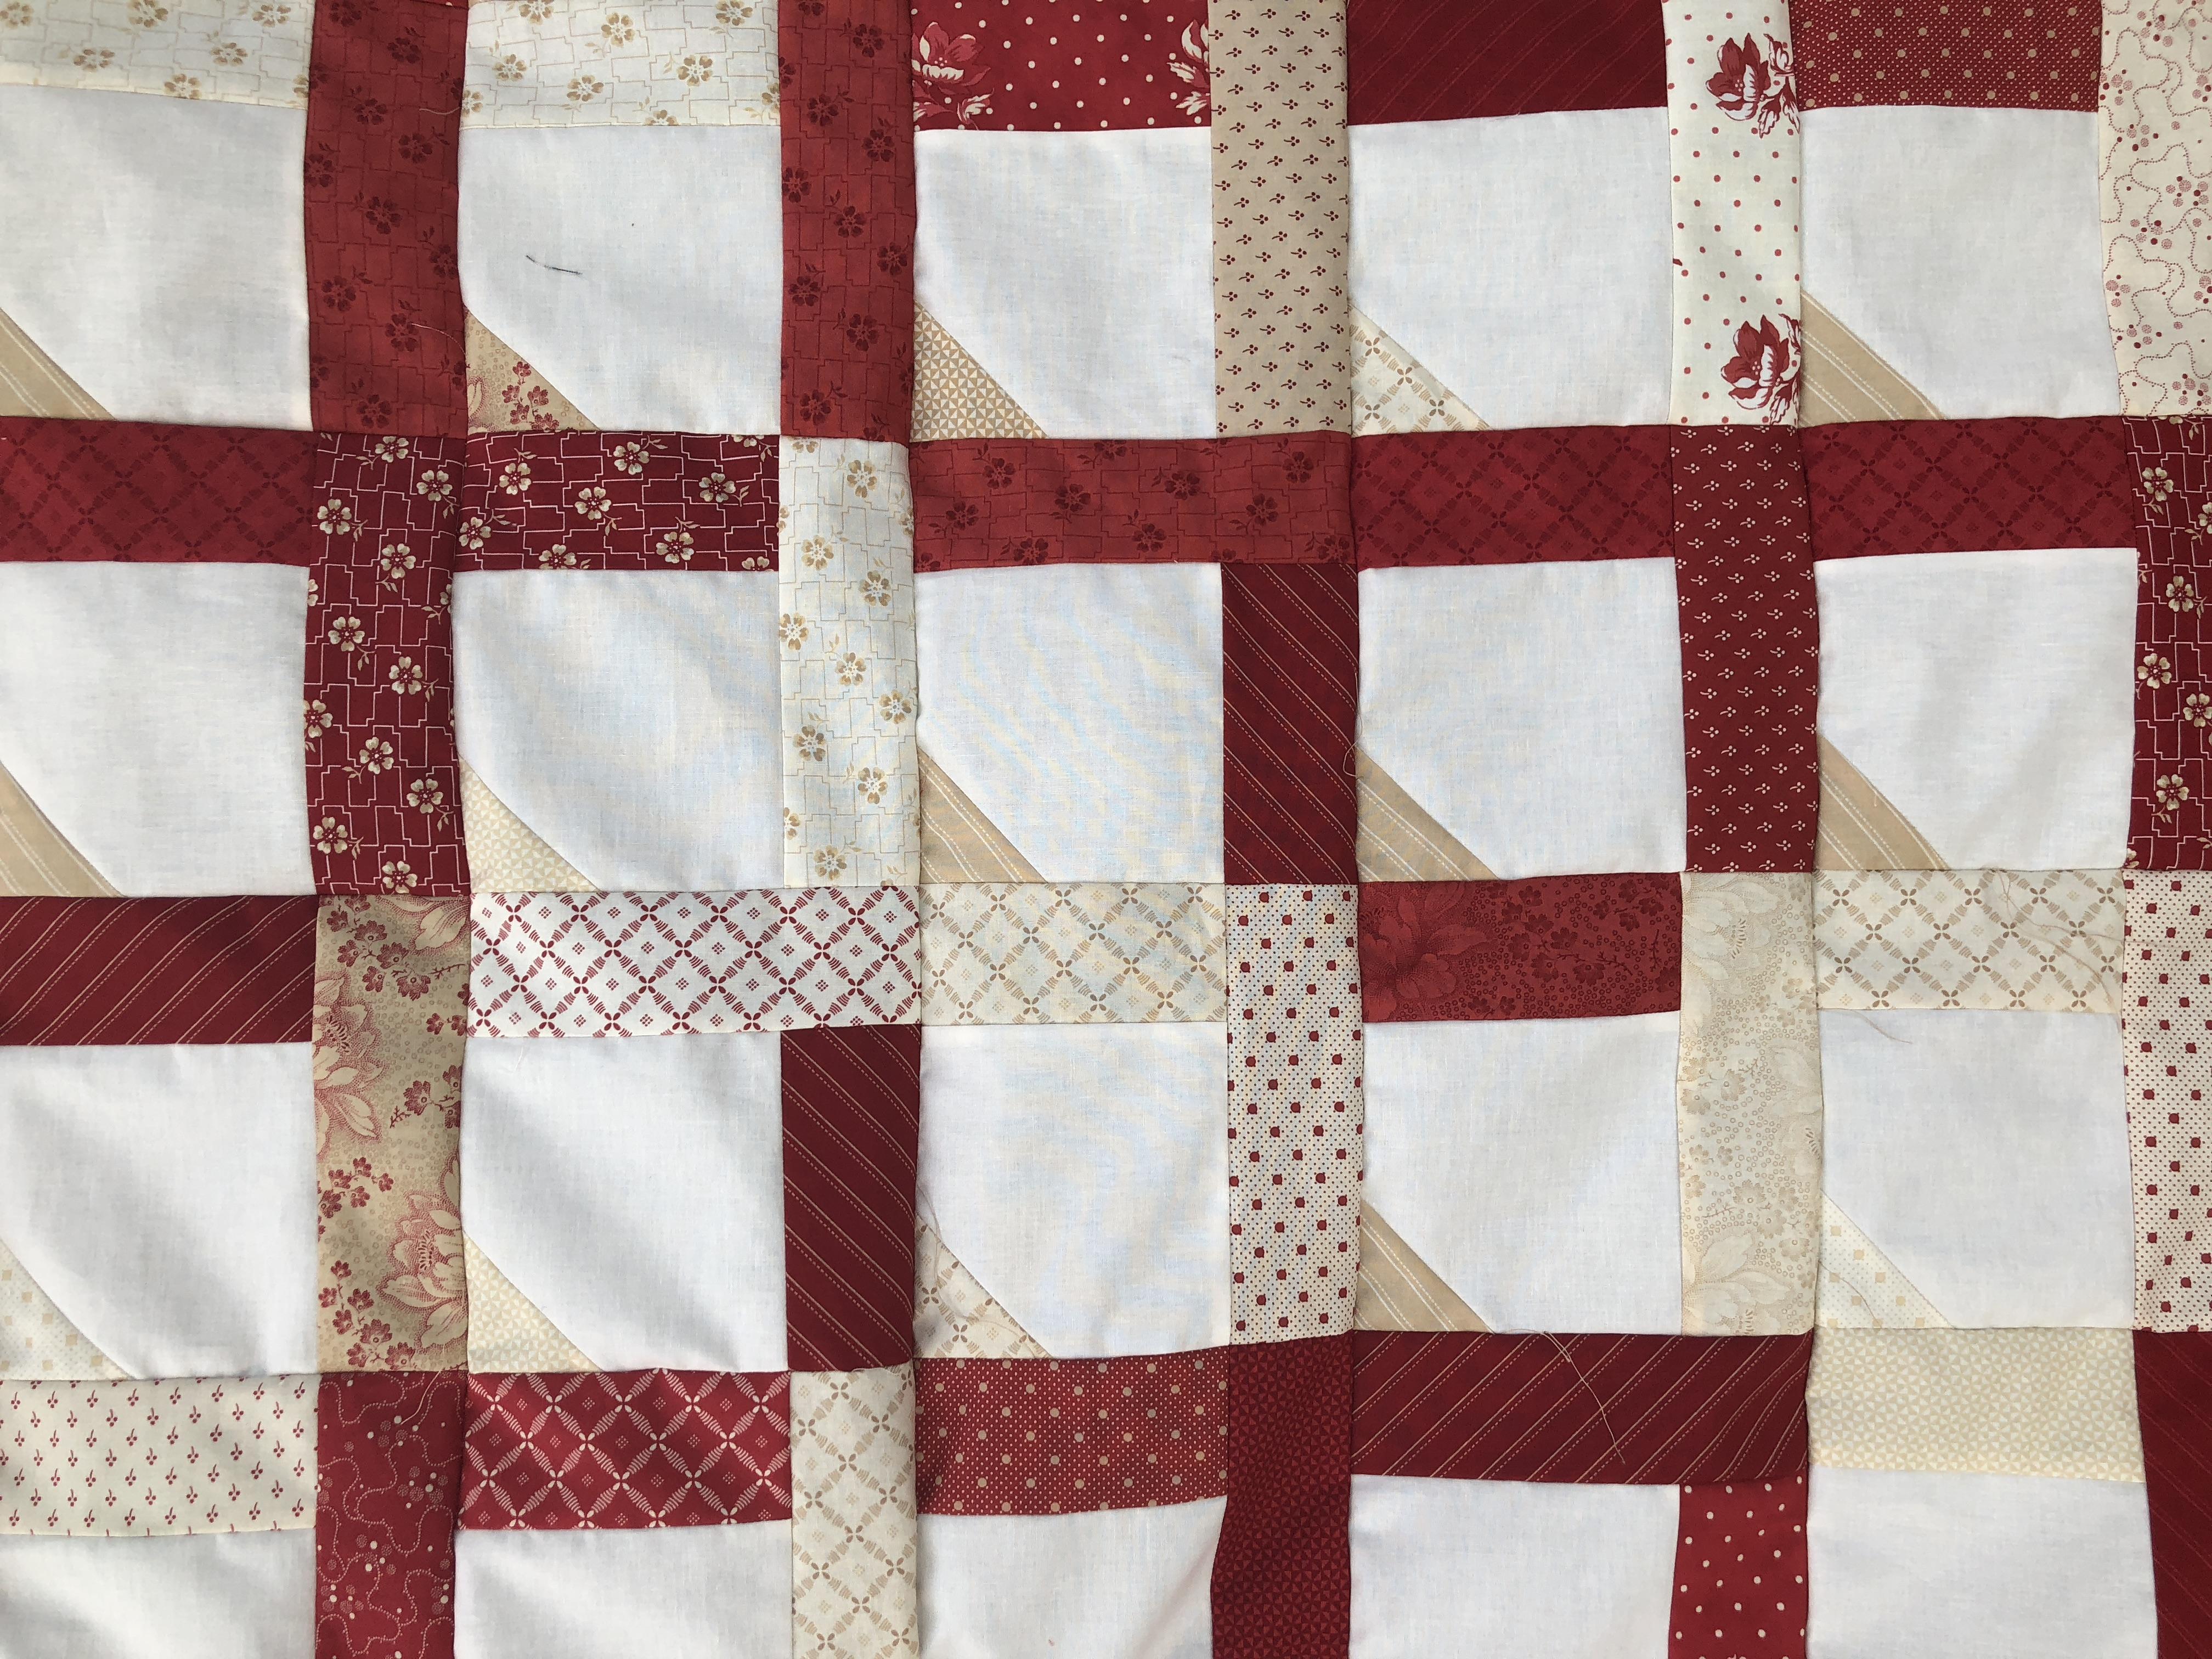 Curso monogr fico madrid patchwork quilt r pido la vida en patchwork - Casarse rapido en madrid ...